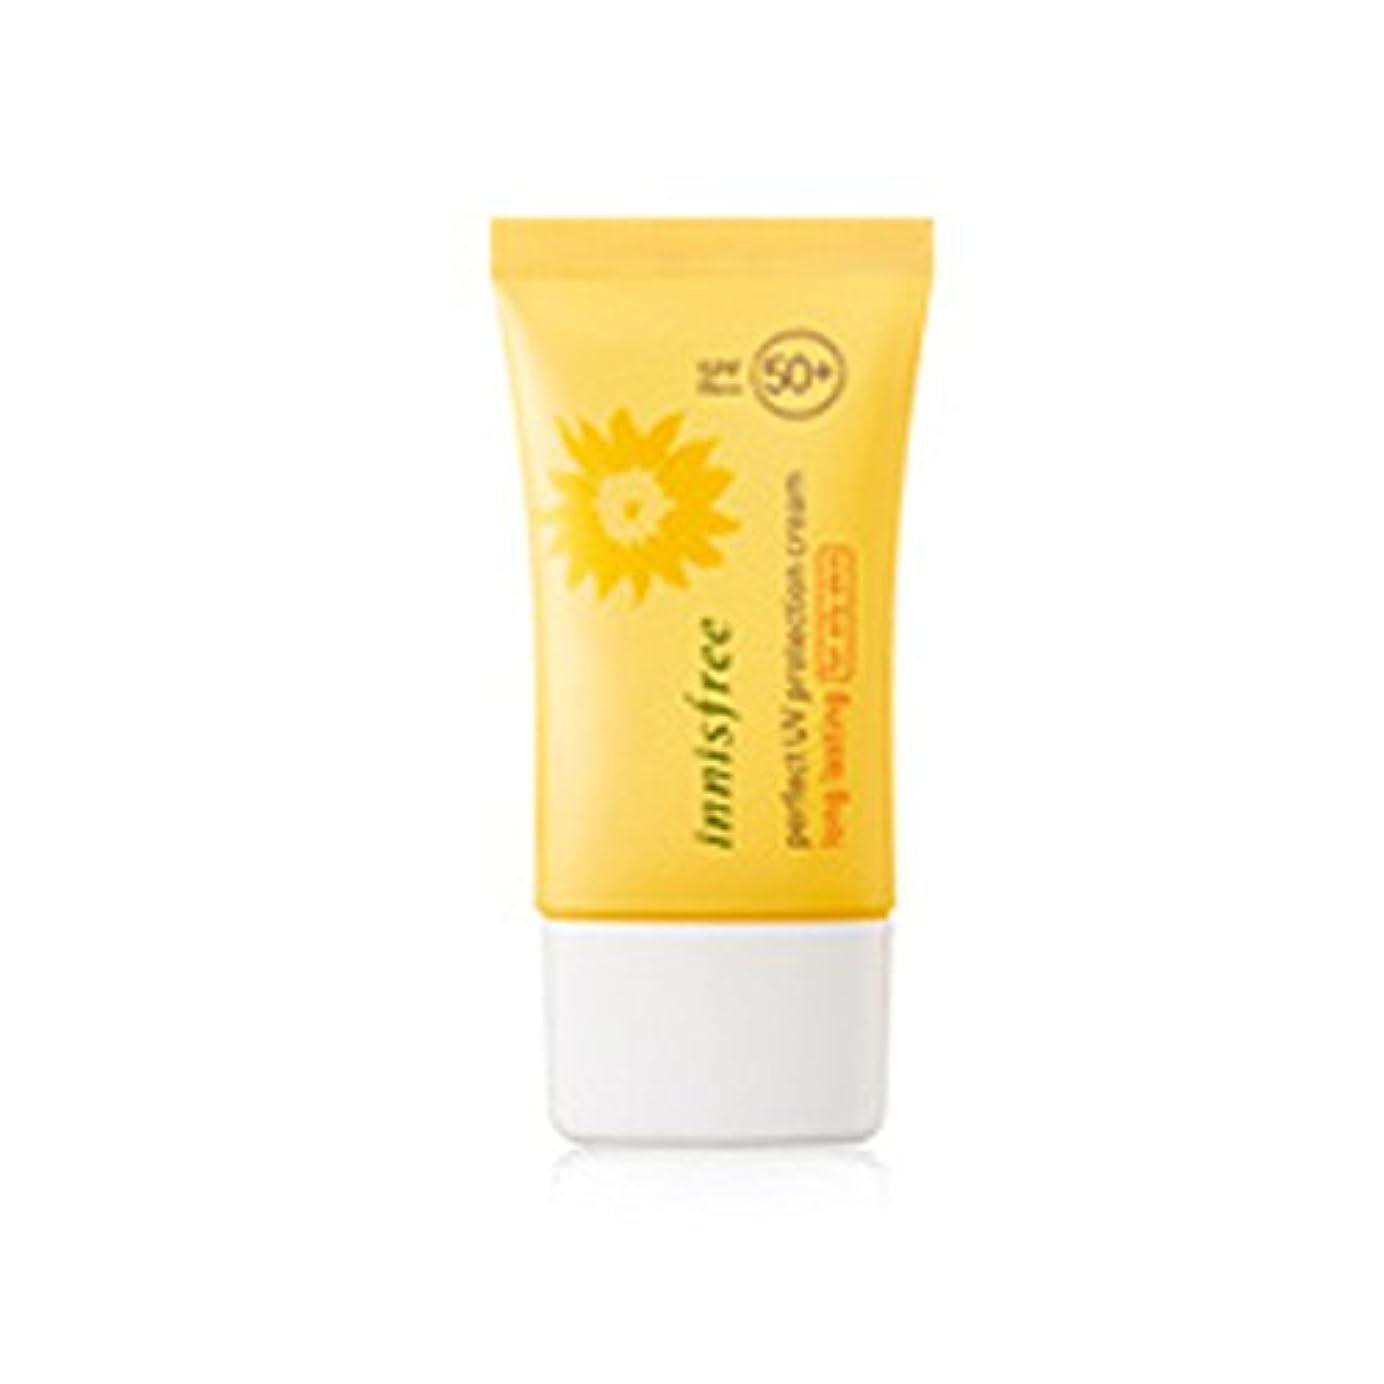 マンモス読書をする試してみるイニスフリーパーフェクトUVプロテクションクリームロングサロン/オイリースキン用50ml SPF50 + PA +++ Innisfree Perfect UV Protection Cream_Long lasting...